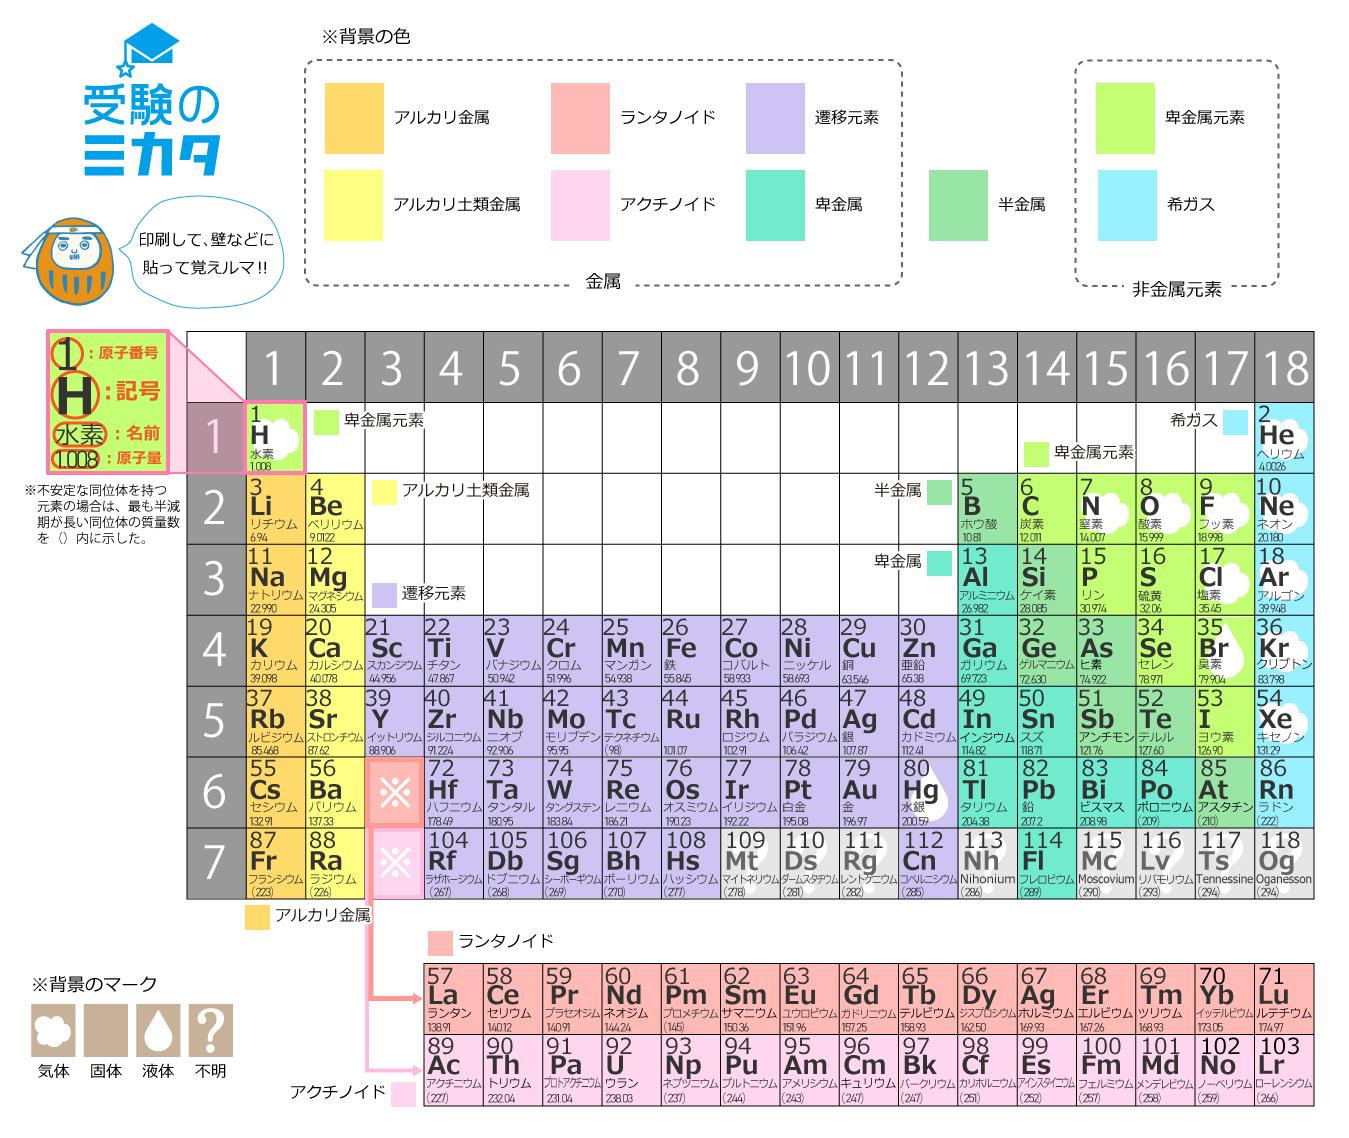 元素周期表【受験のミカタオリジナル!】一番見やすい、分かりやすい周期表